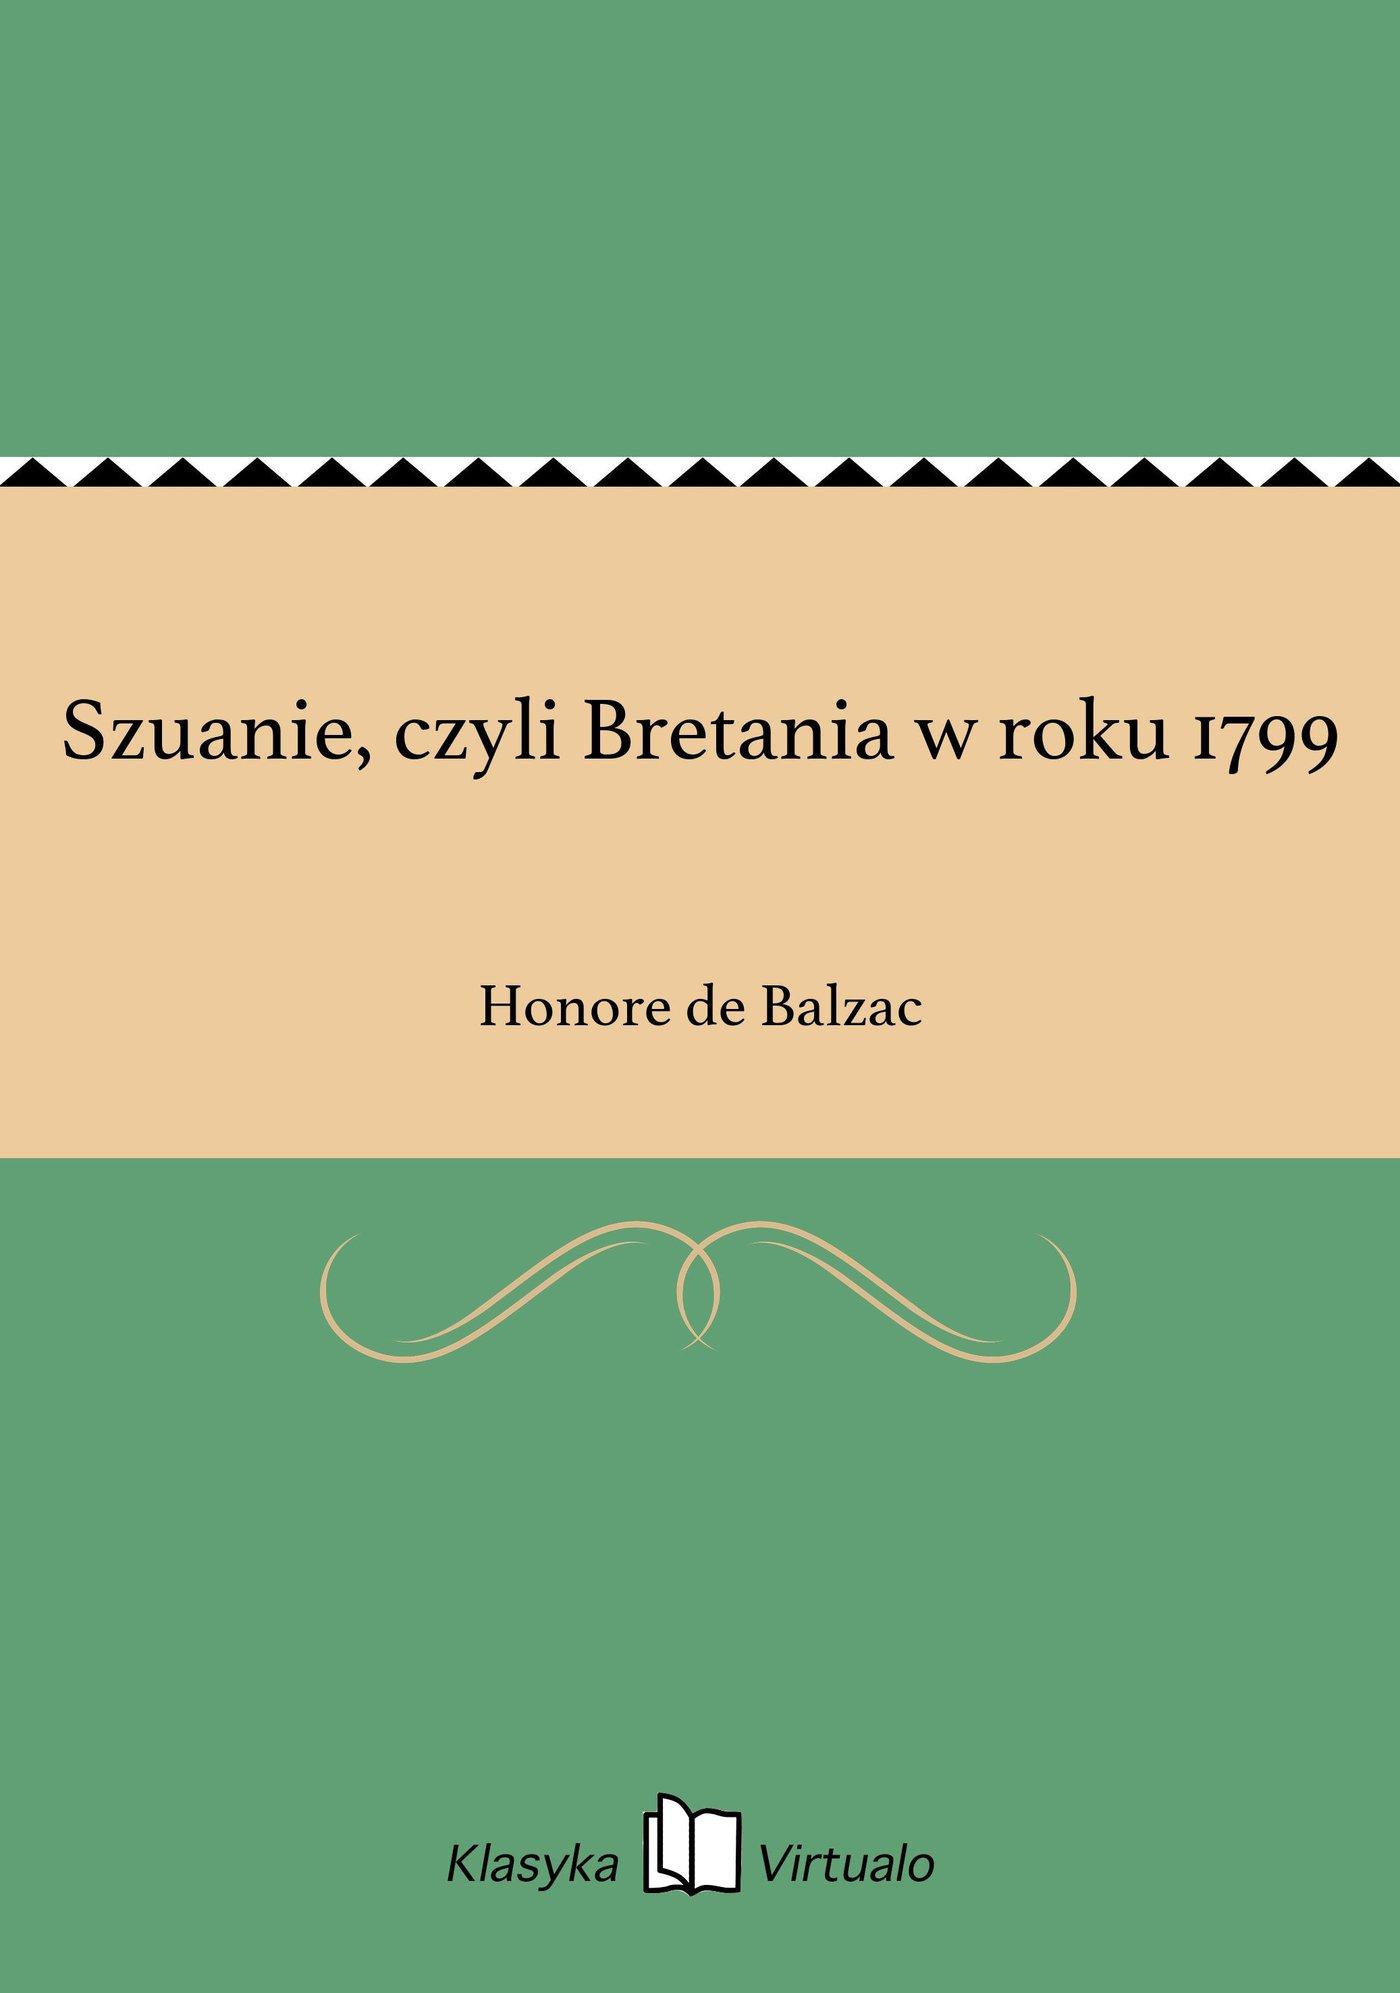 Szuanie, czyli Bretania w roku 1799 - Ebook (Książka EPUB) do pobrania w formacie EPUB